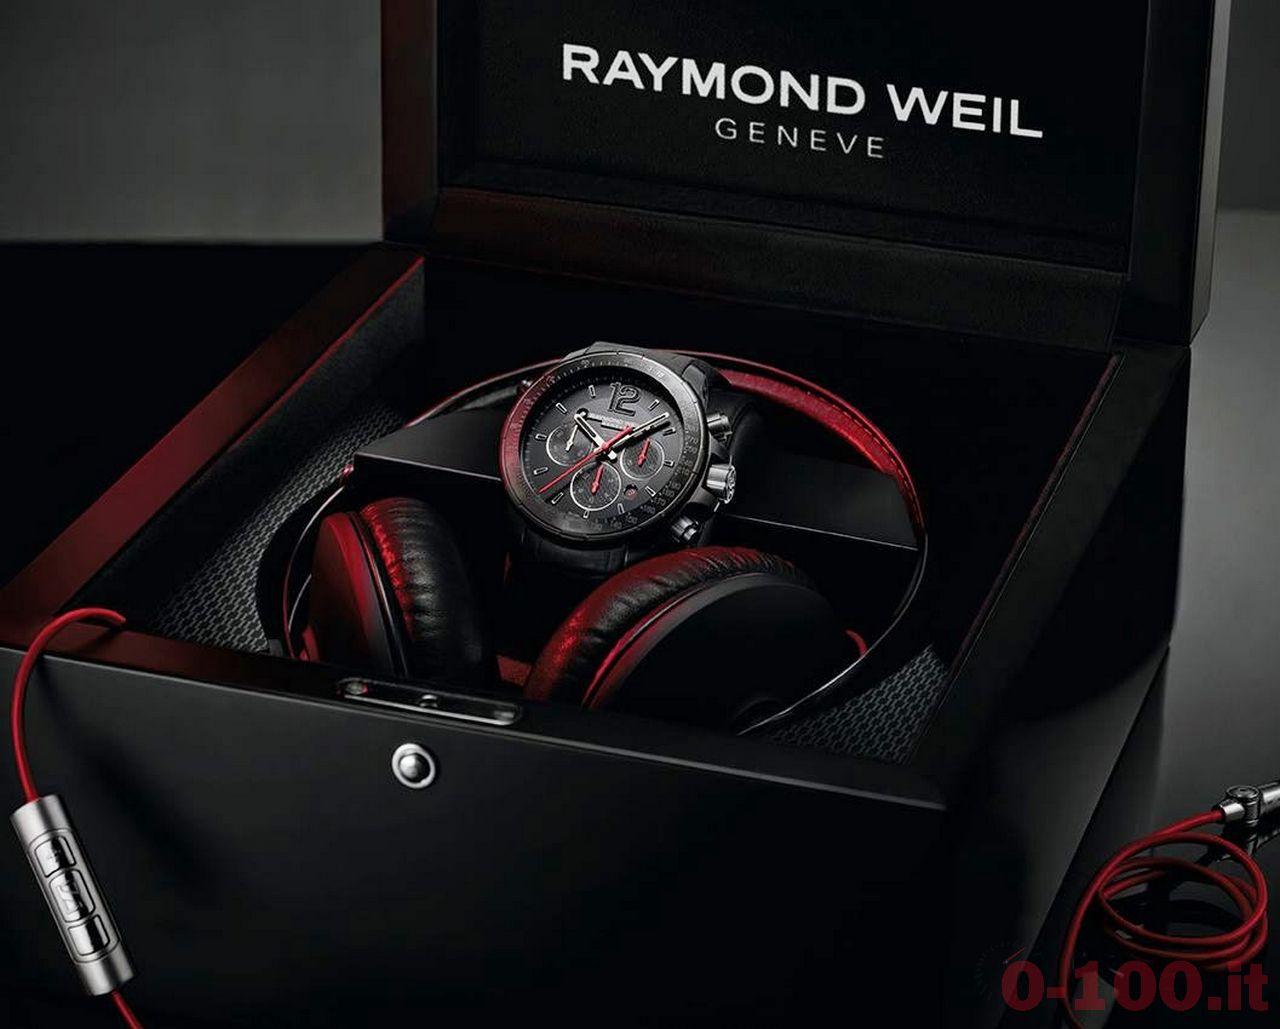 baselworld-2014-raymond-weil-nabucco-rivoluzione-ii-prezzo-price _0-1004